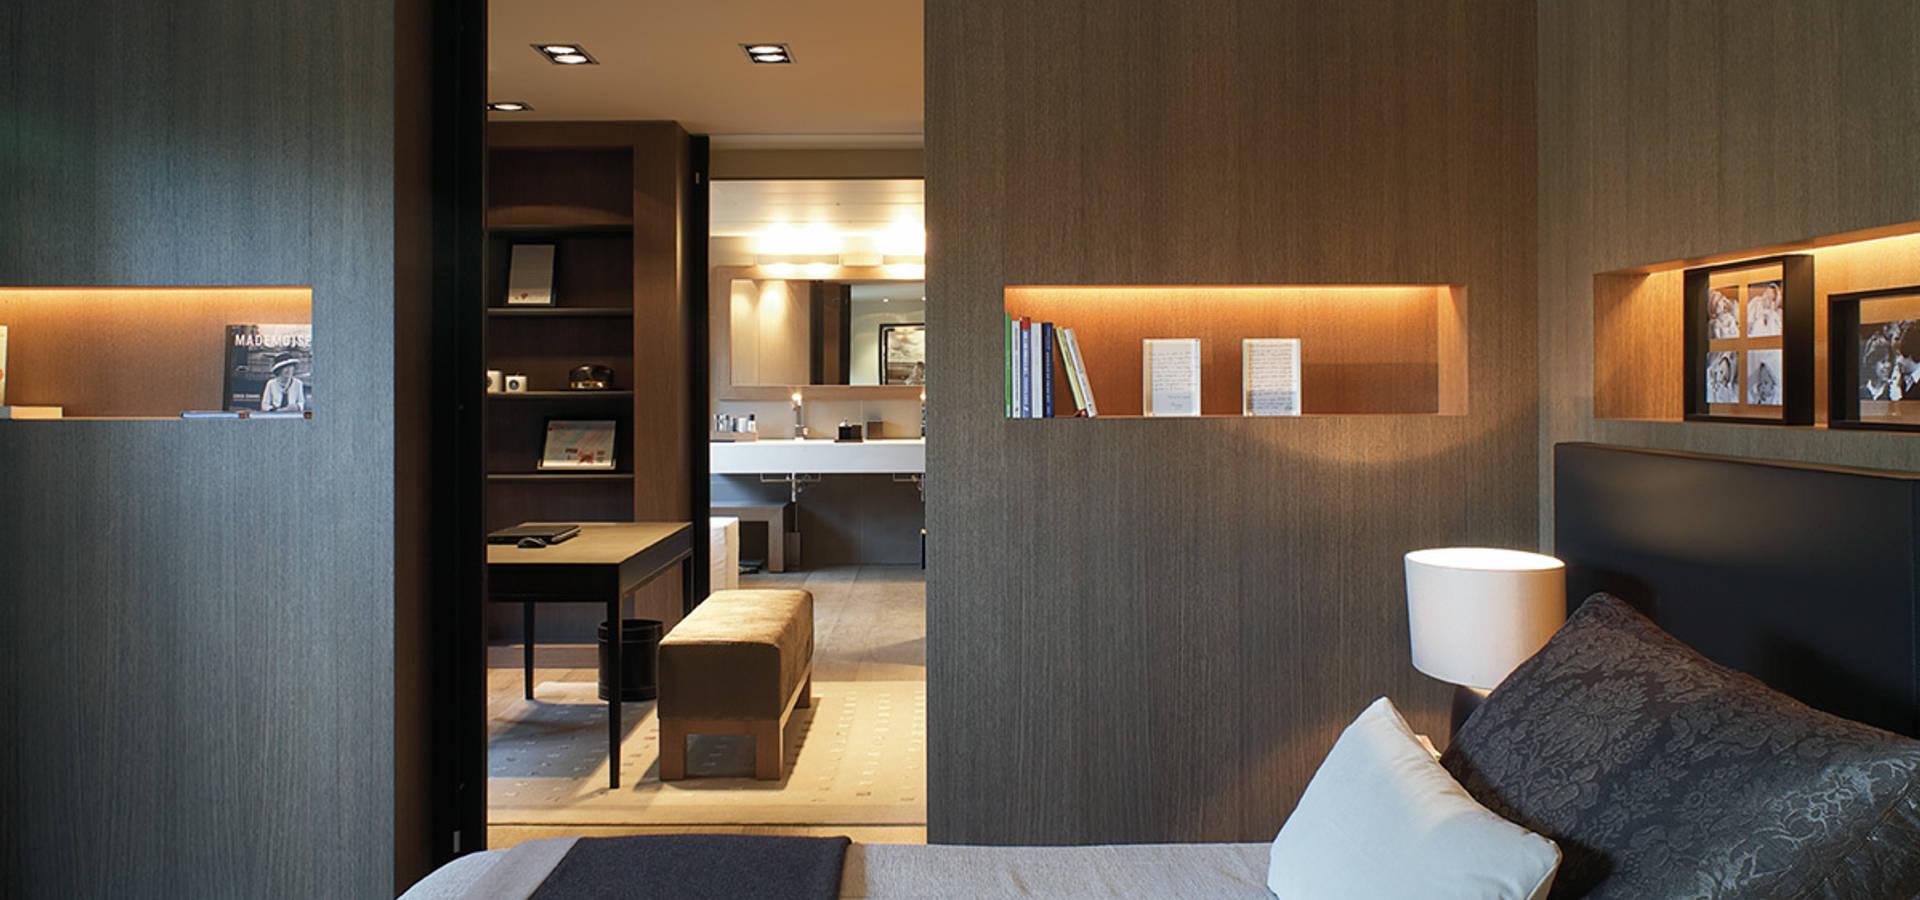 homify online gmbh co kg berlin. Black Bedroom Furniture Sets. Home Design Ideas